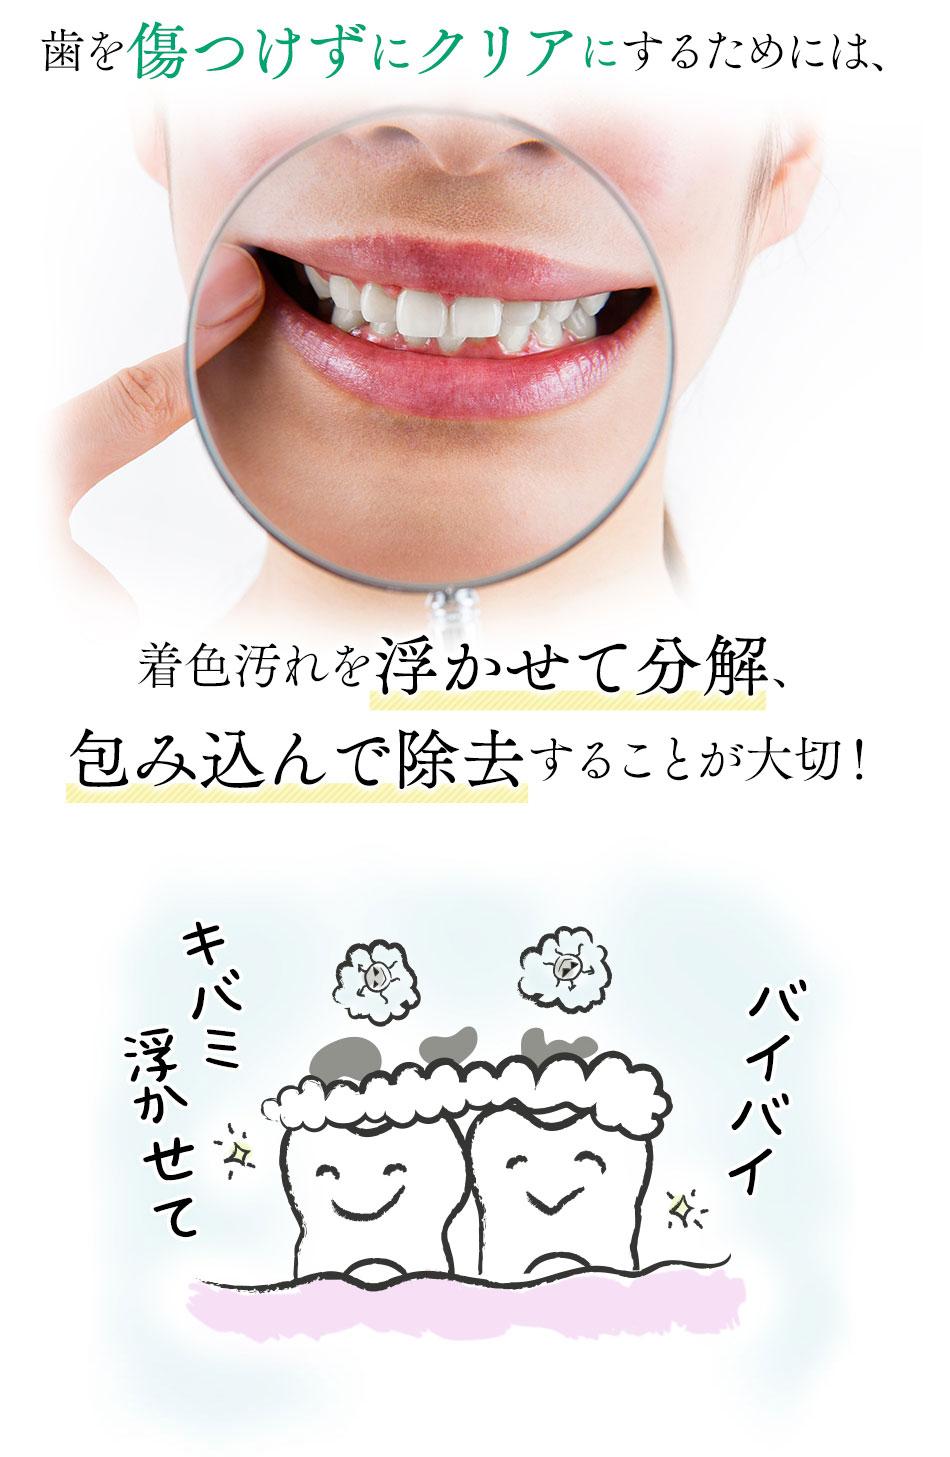 歯を傷付けずに白くするためには、着色汚れを浮かせて分解、包み込んで除去することが大切!